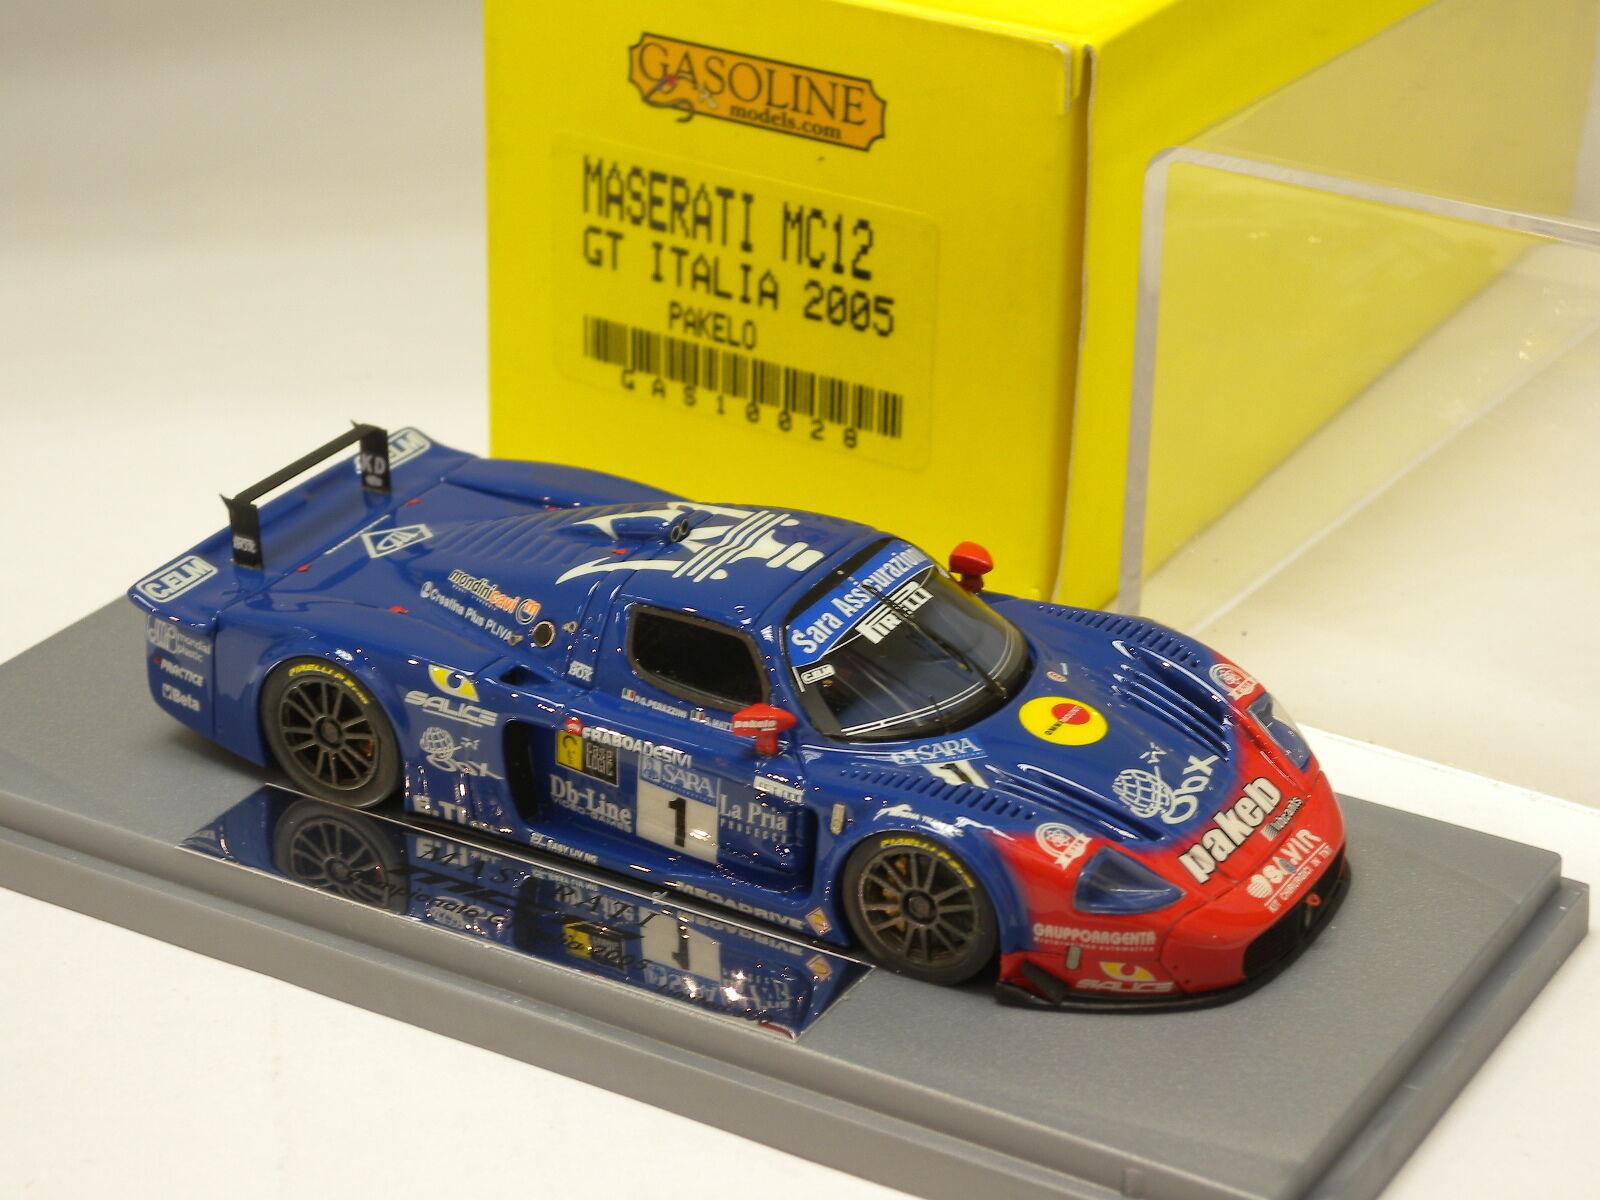 consegna lampo MASERATI MC12 GT GT GT ITALIA 2005 PAKELO GASOLINE modello 1 43 GAS10028  punto vendita